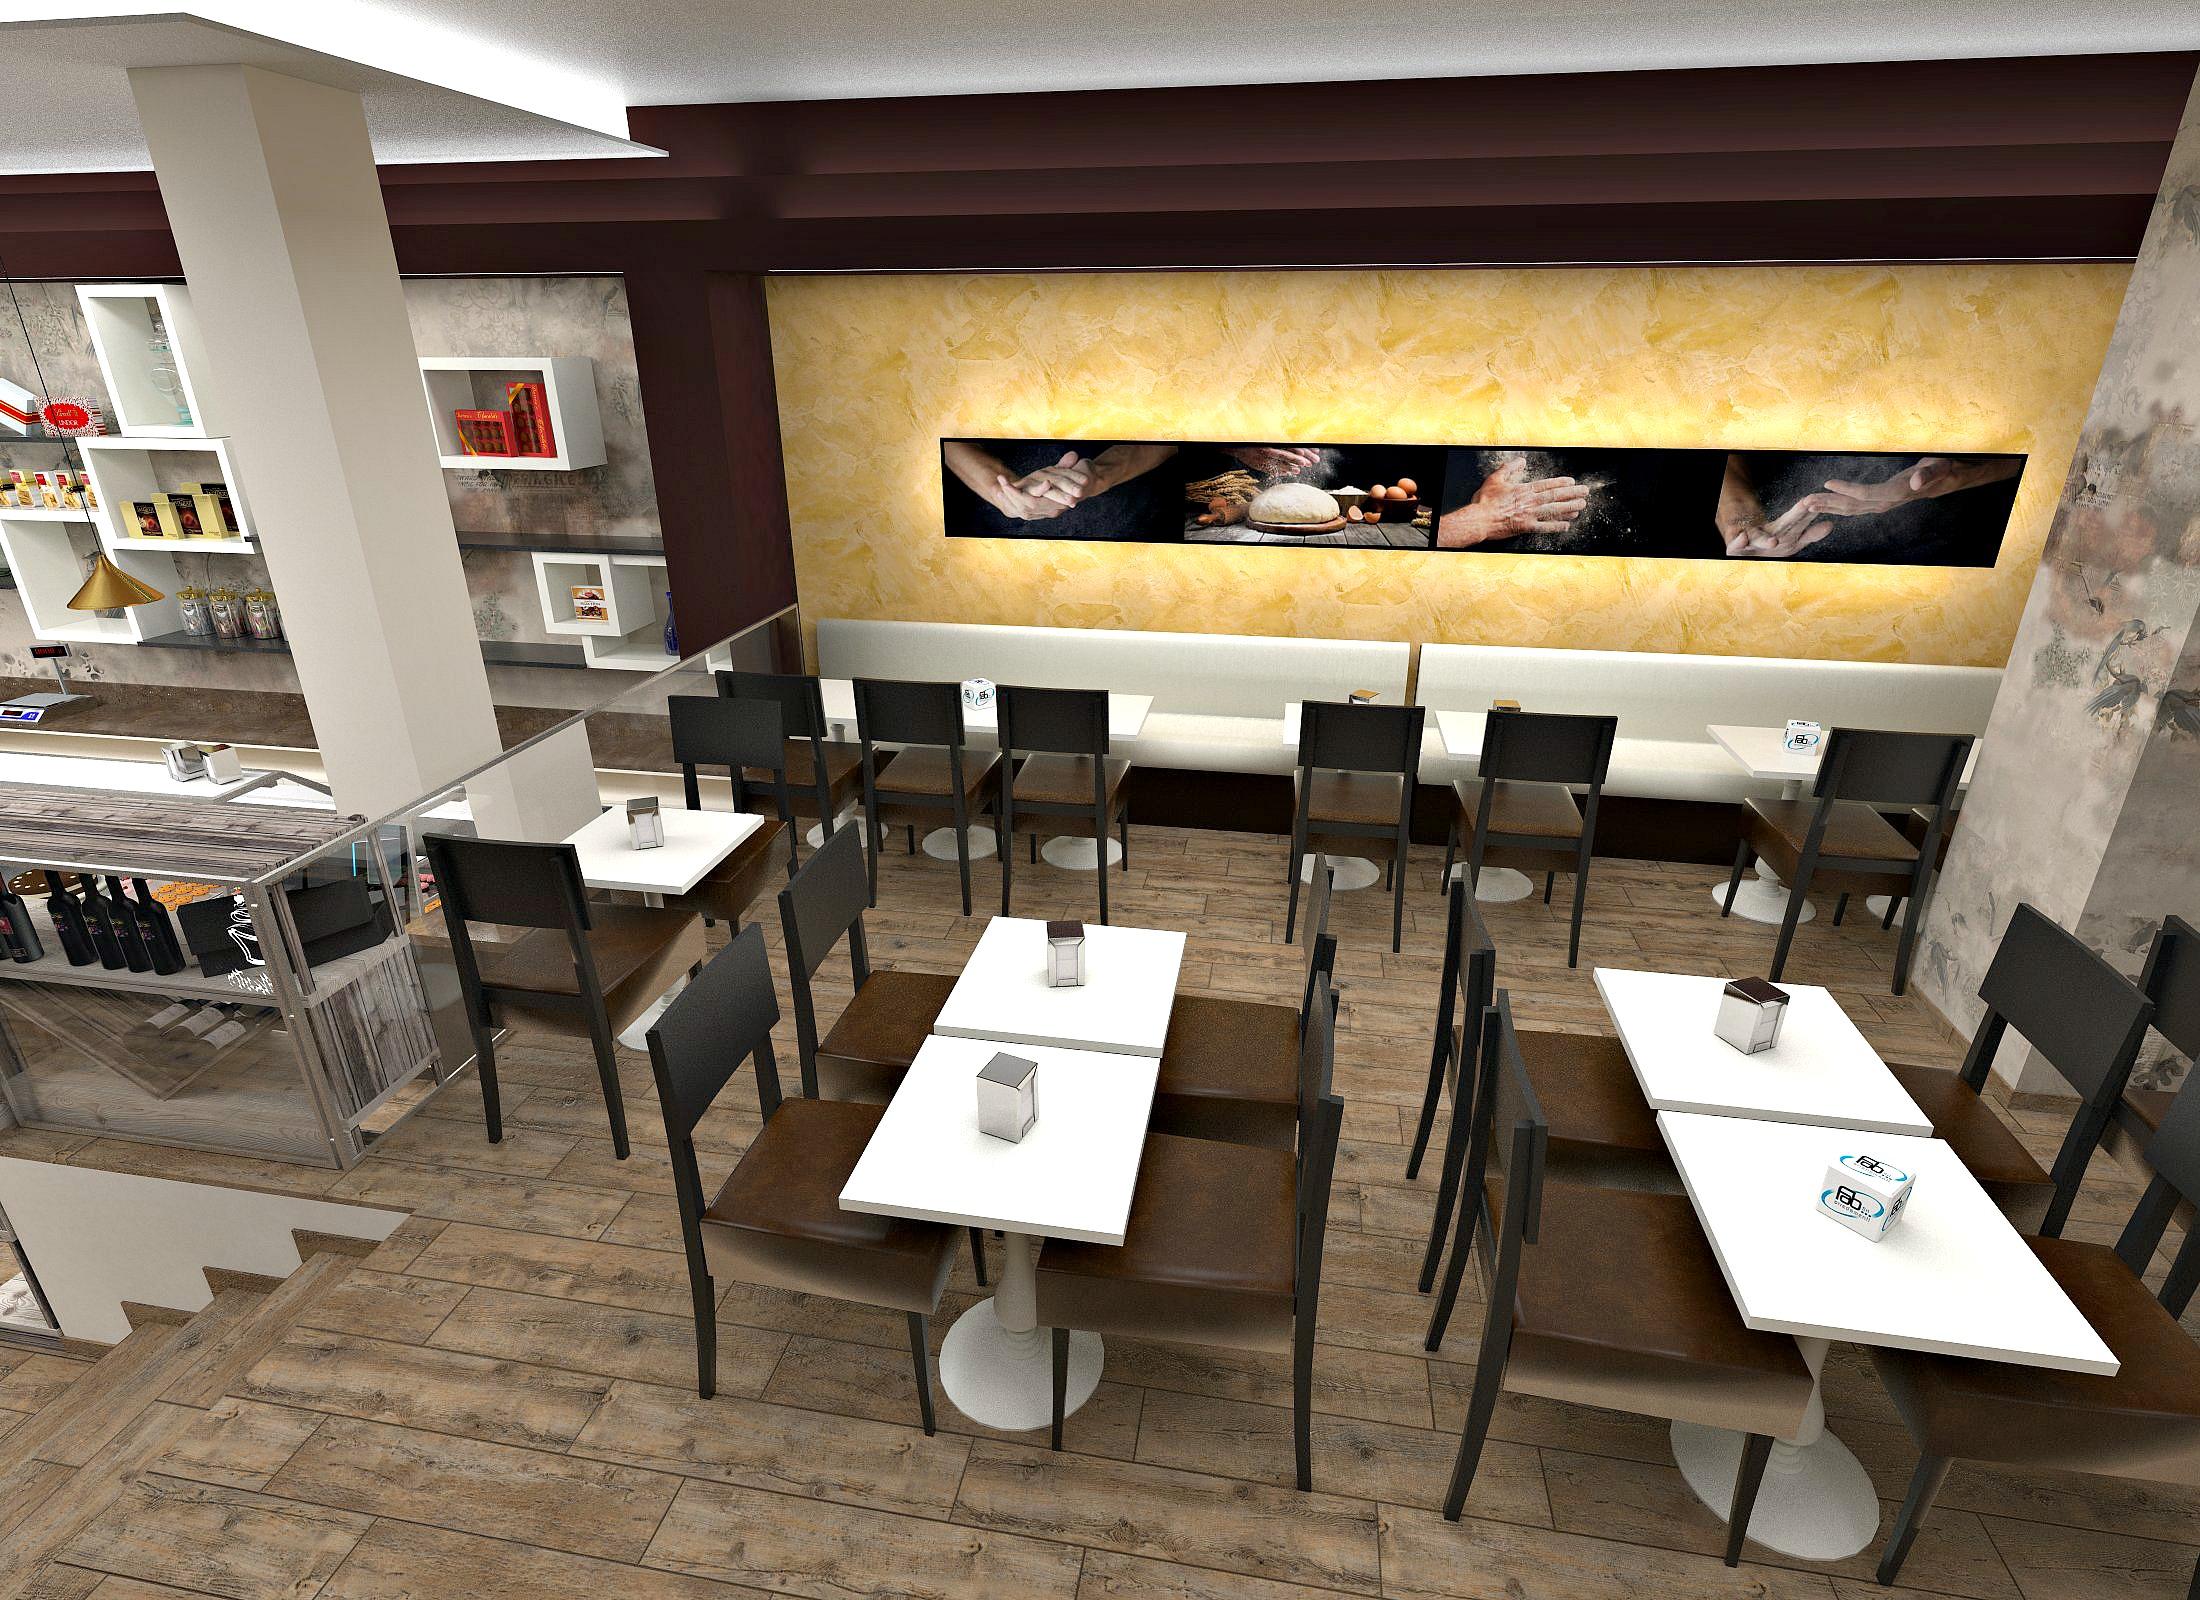 Foto di una possibile proposta di arredo presso la Vista del banco caffetteria gelateria presso la Pasticceria Caffetteria i 4 Mastri a Milano